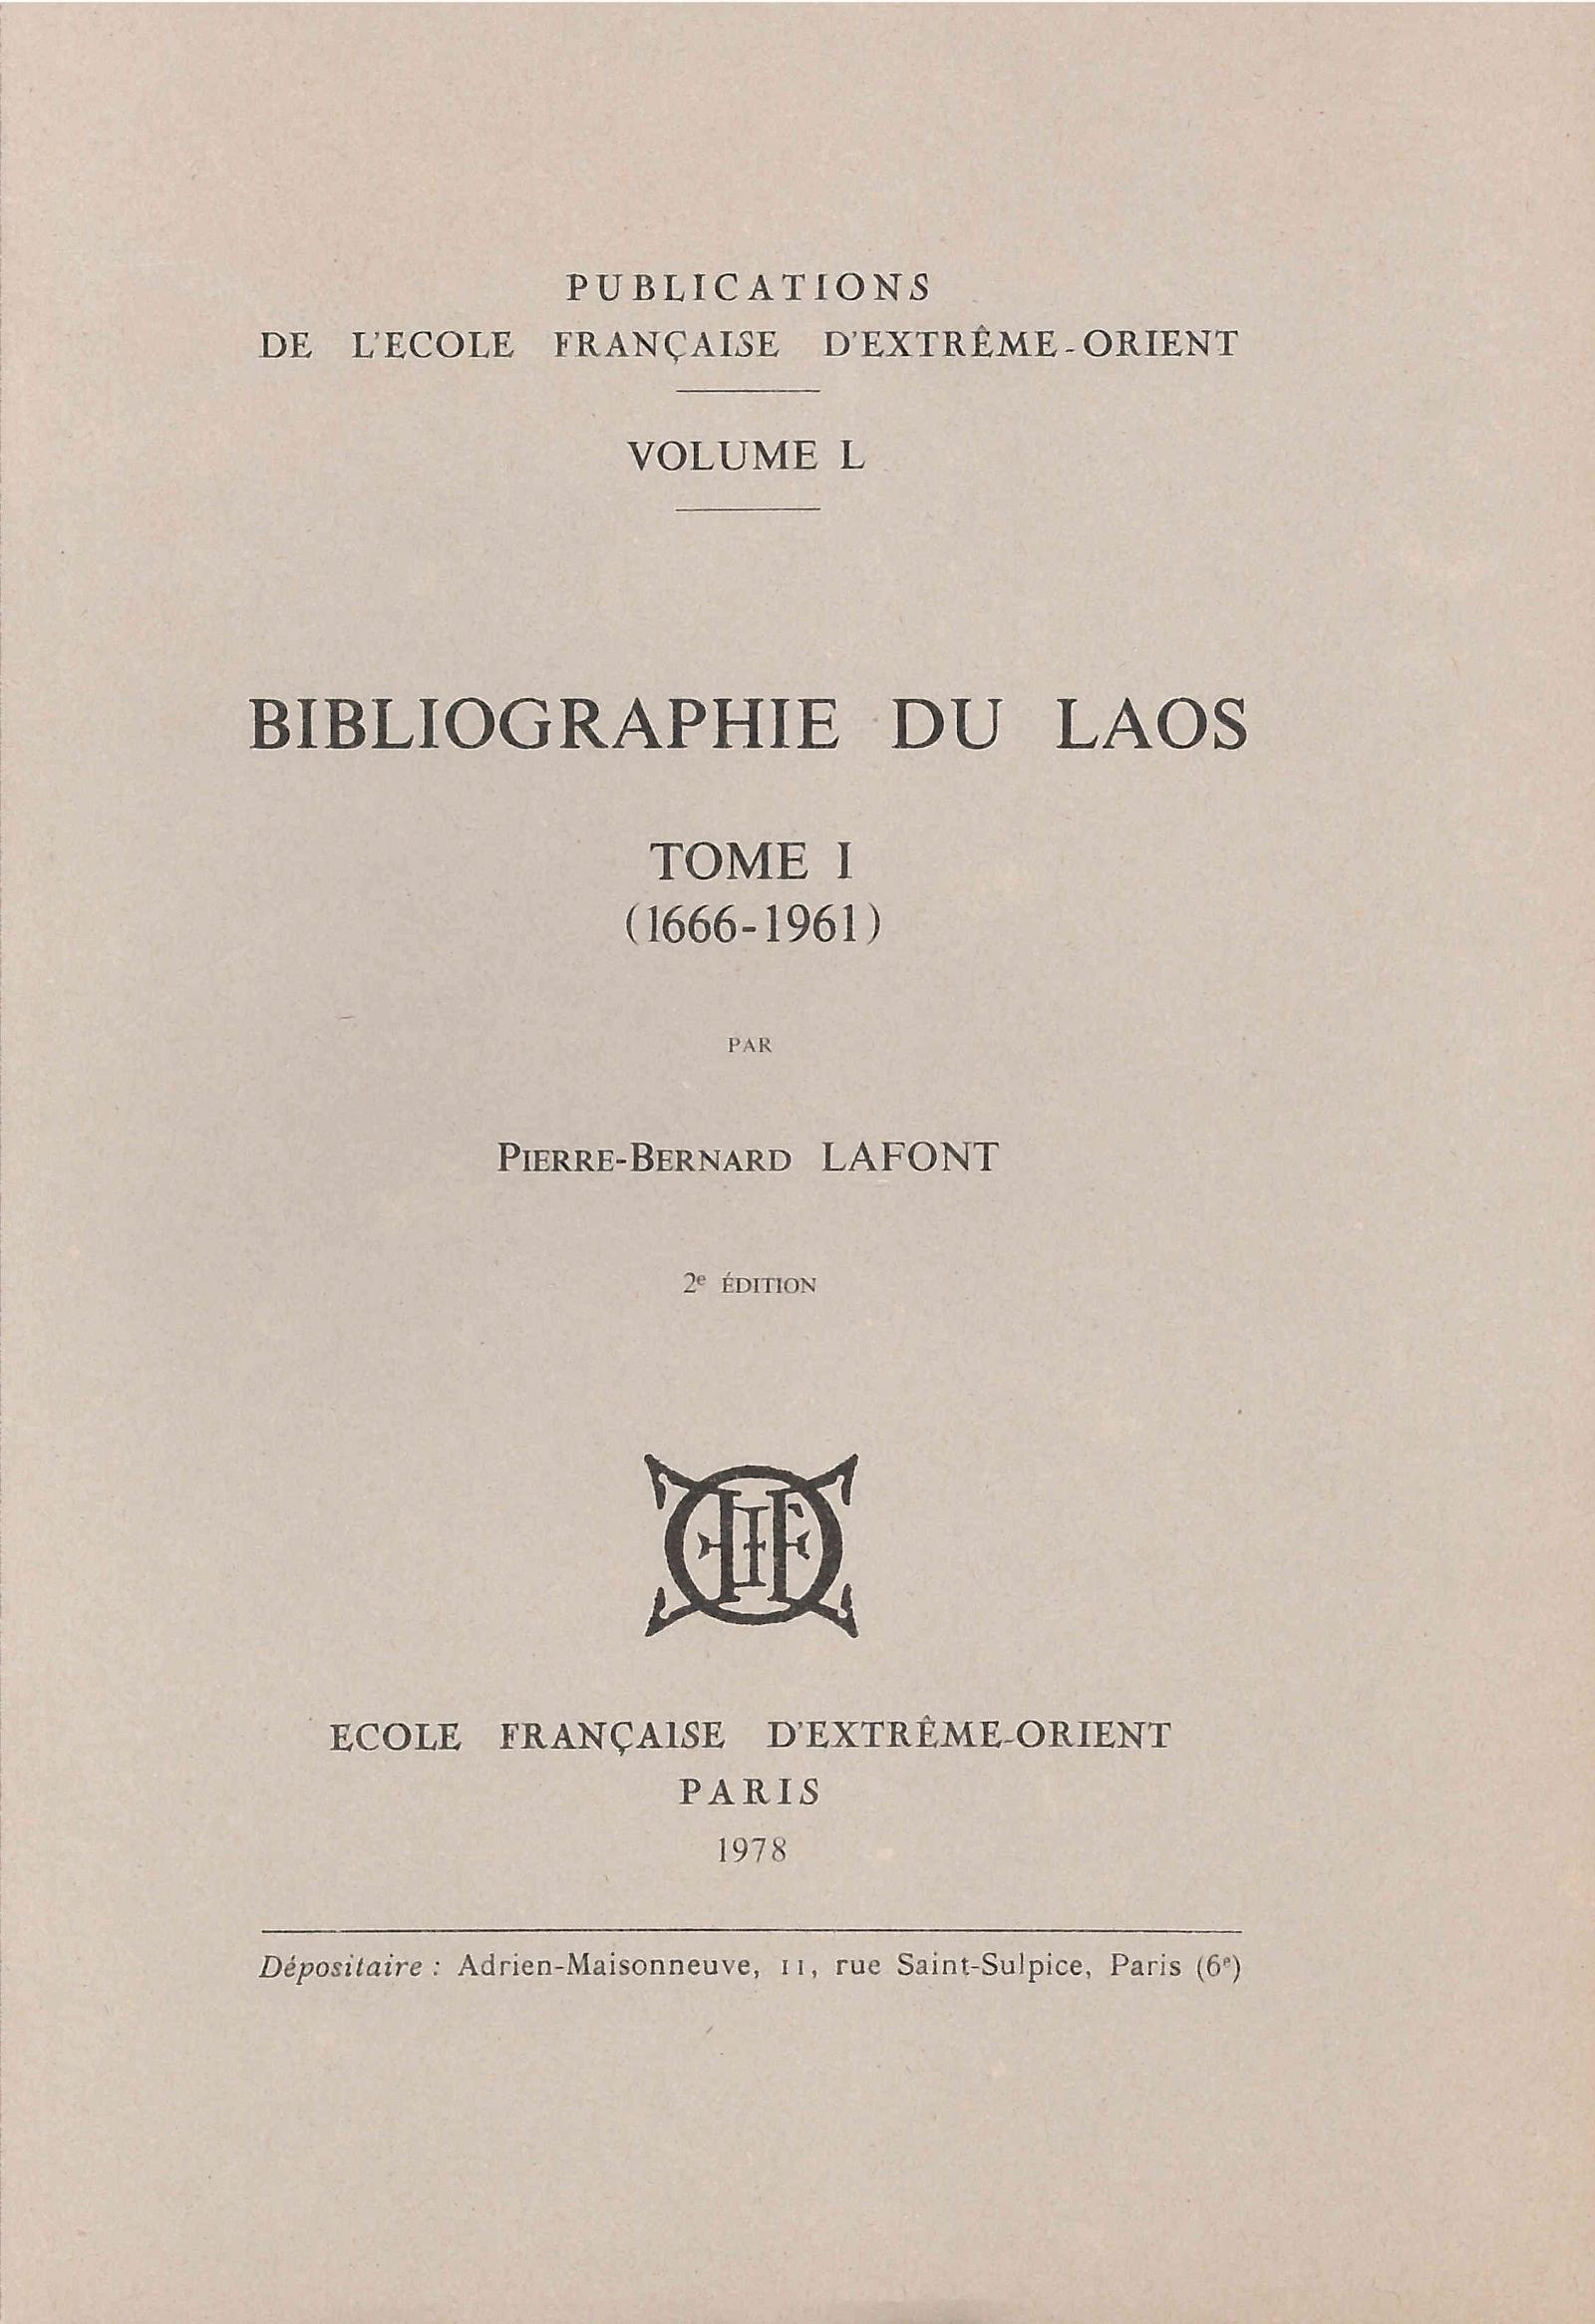 Bibliographie du Laos